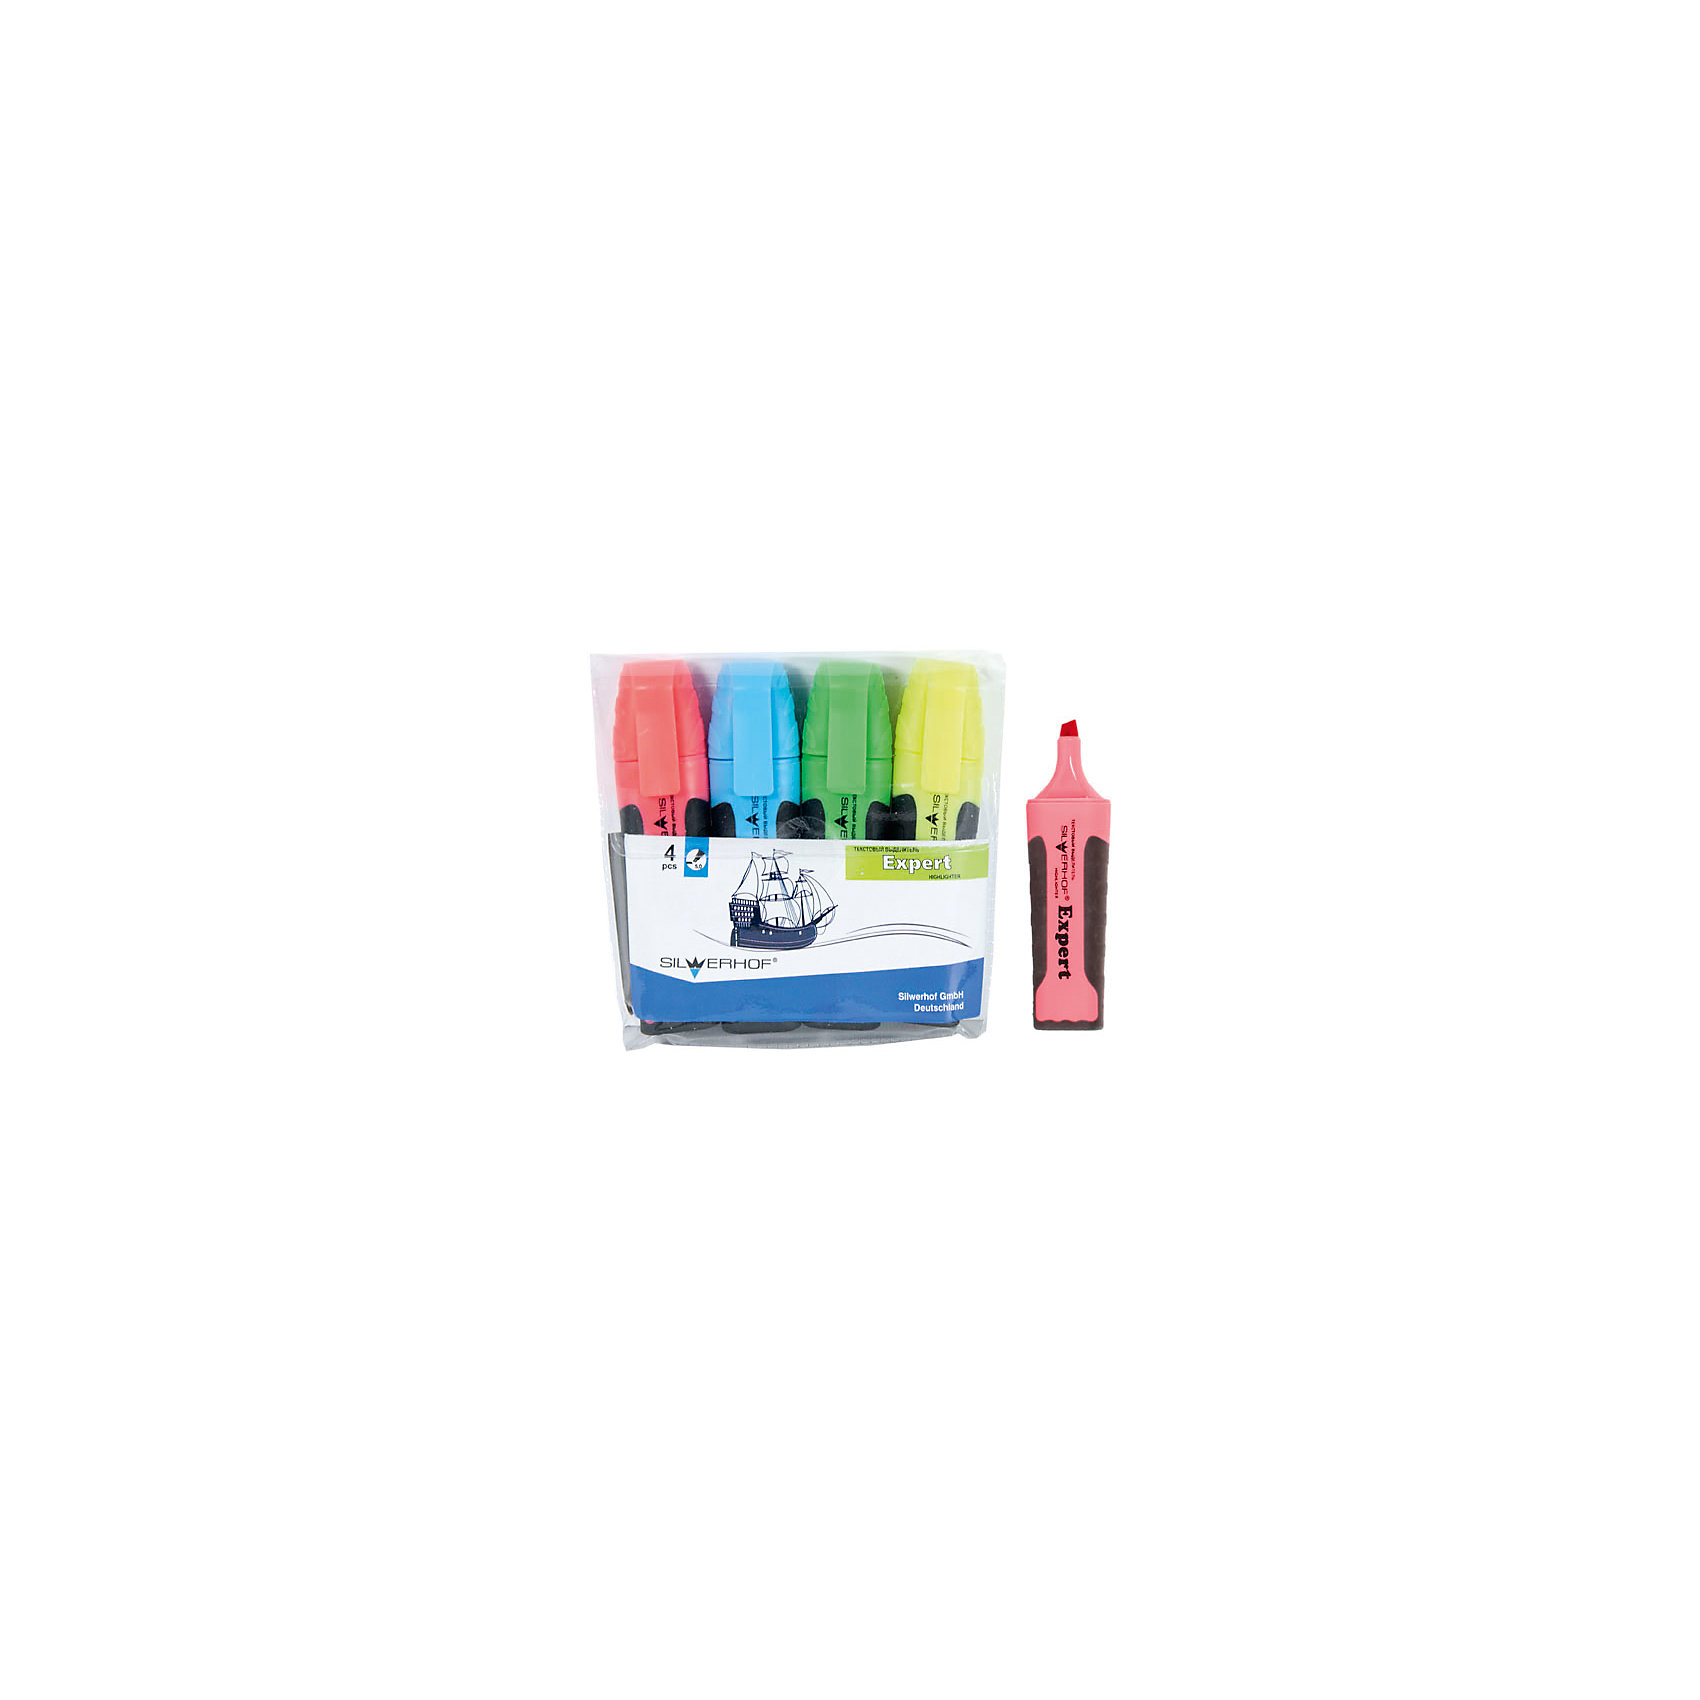 Текстовыделитель, набор 4цв, EXPERT, скошенный наконечник 1,0-5,0ммПисьменные принадлежности<br>Характеристики товара:<br><br>• материал: пластик<br>• комплектация: 4 шт желтый/зеленый/розовый/голубой<br>• скошенный наконечник 1,0-5,0 мм<br>• цветной колпачок с клипом<br>• прорезиненный корпус<br>• ПВХ упаковка<br>• страна бренда: Российская Федерация<br>• страна производства: Китай<br><br>Сделать работу для взрослого или учебу для ребенка интереснее и проще поможет этот набор цветных текстовыделитей! Ими не только гораздо веселее рисовать, чем обычным черным, такие текстовыделители помогут детям научиться выделять на разными цветами важные и второстепенные вещи, позволят делать яркие пометки, рисовать схемы и графики.<br>Текстовыделители качественно выполнены, сделаны из безопасных для детей материалов. Упаковка - удобная, в ней можно хранить текстовыделители. Письмо и рисование помогает детям лучше развить мелкую моторику, память, внимание, аккуратность и мышление.<br><br>Текстовыделитель, набор 4цв, EXPERT, скошенный наконечник 1,0-5,0мм, от бренда Silwerhof можно купить в нашем интернет-магазине.<br><br>Ширина мм: 110<br>Глубина мм: 110<br>Высота мм: 10<br>Вес г: 103<br>Возраст от месяцев: 36<br>Возраст до месяцев: 144<br>Пол: Унисекс<br>Возраст: Детский<br>SKU: 5020489